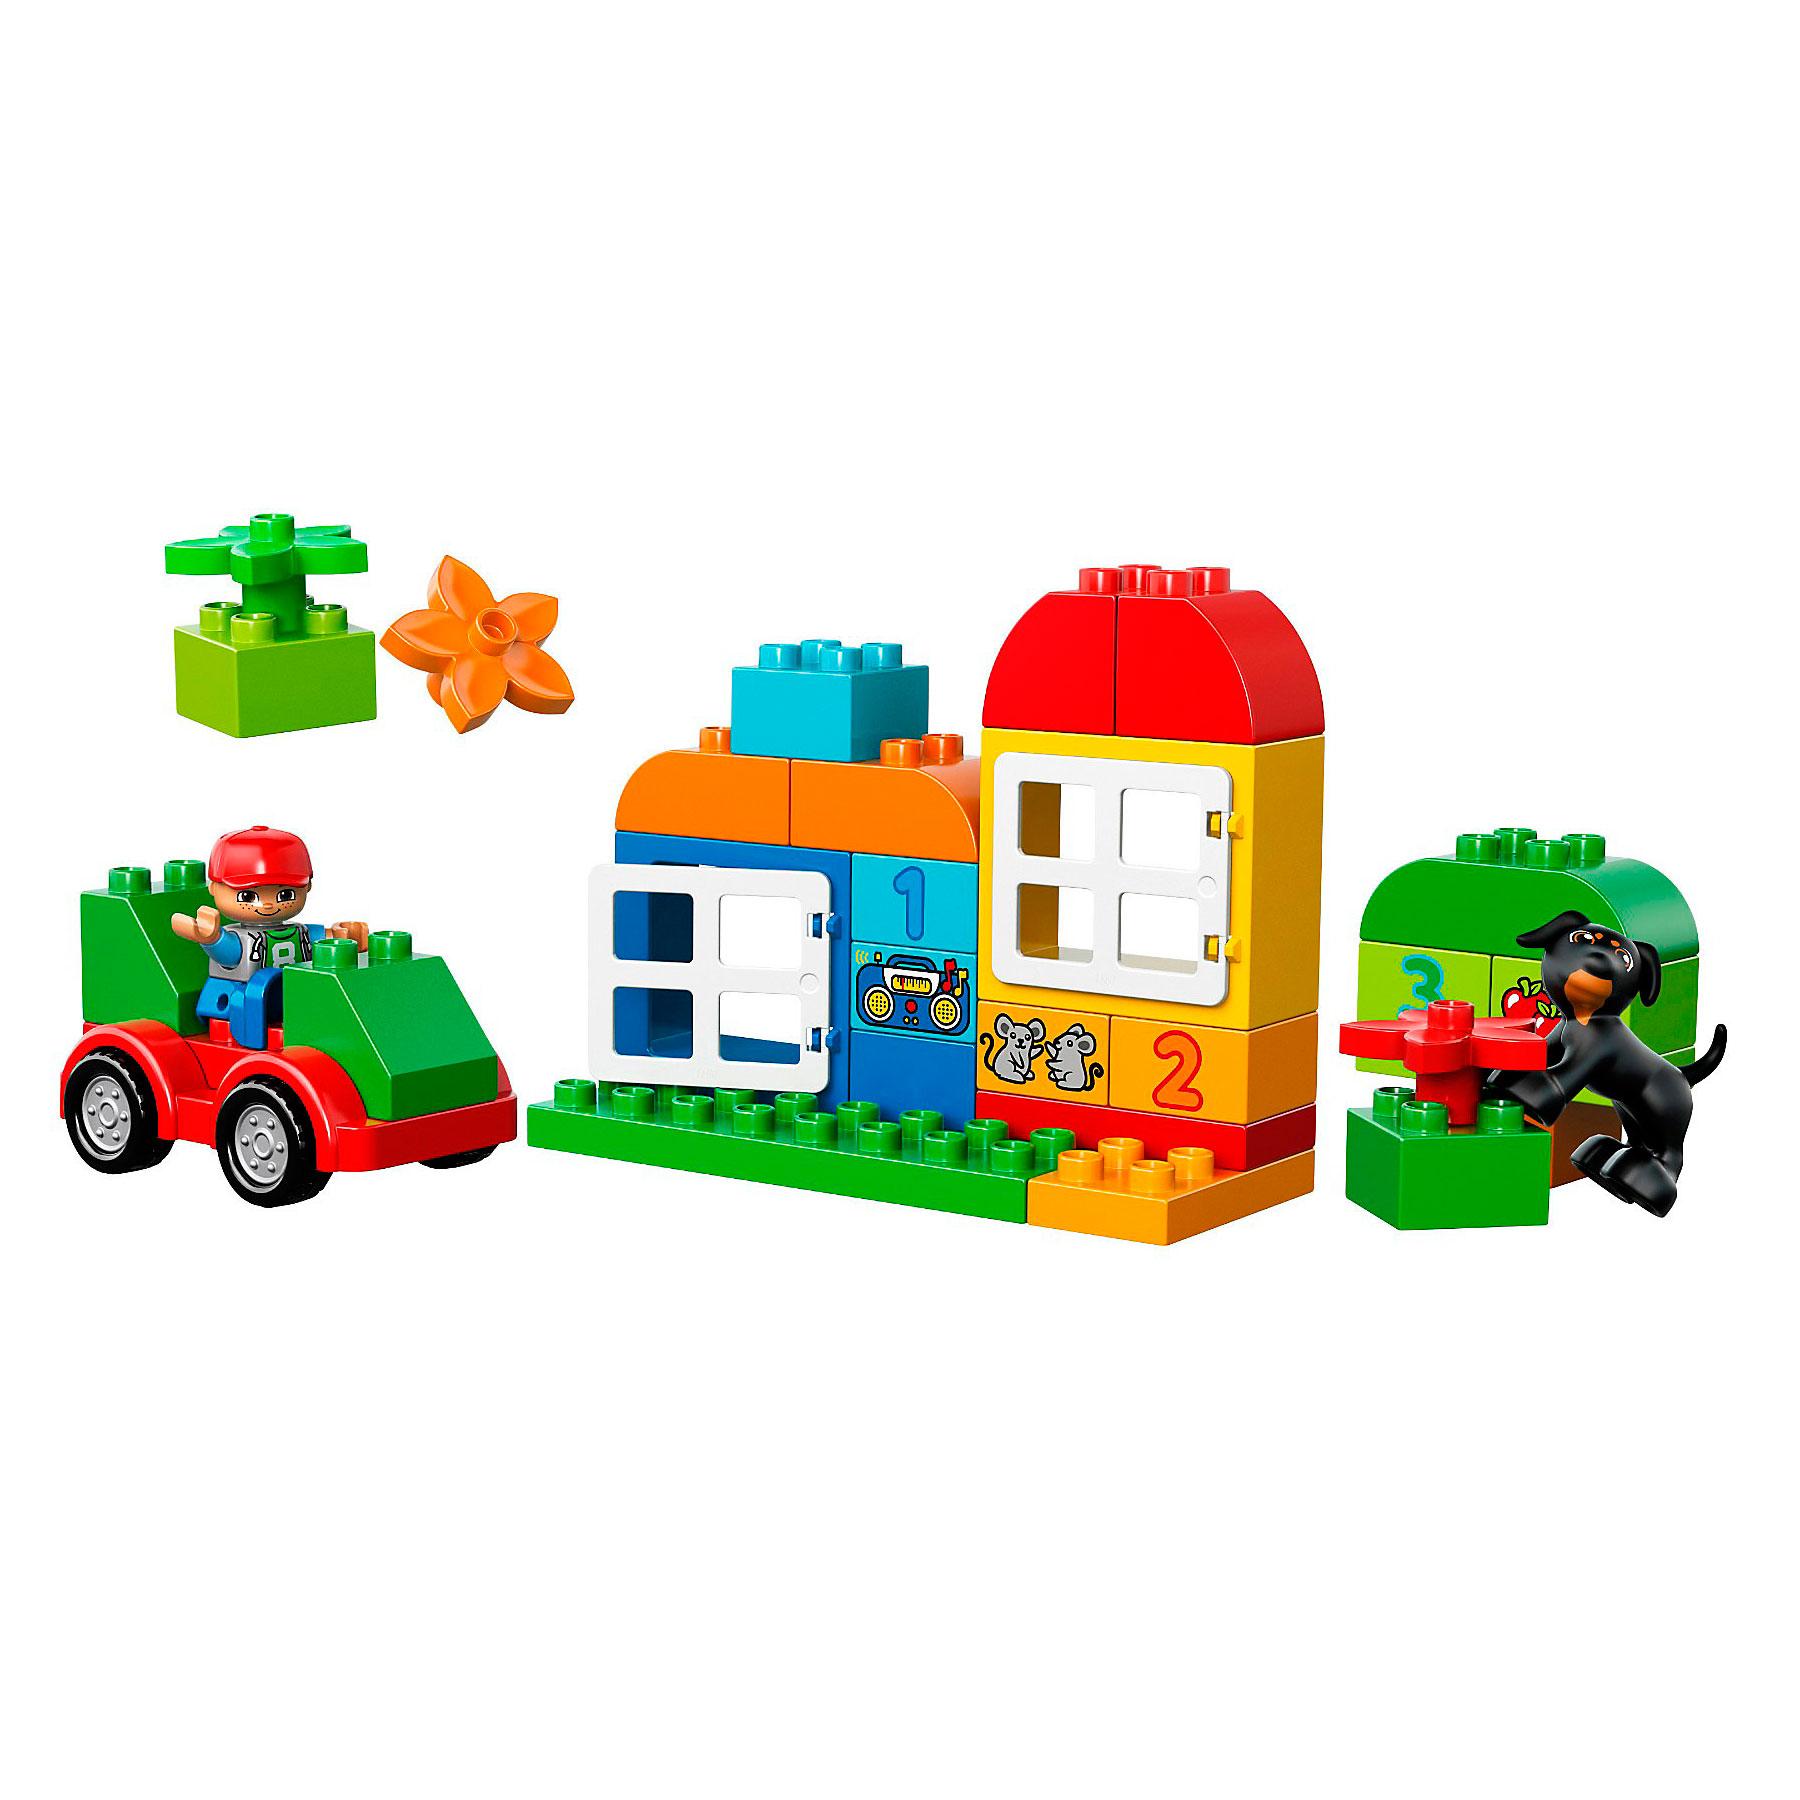 Конструктор LEGO Duplo 10572 Механик<br>